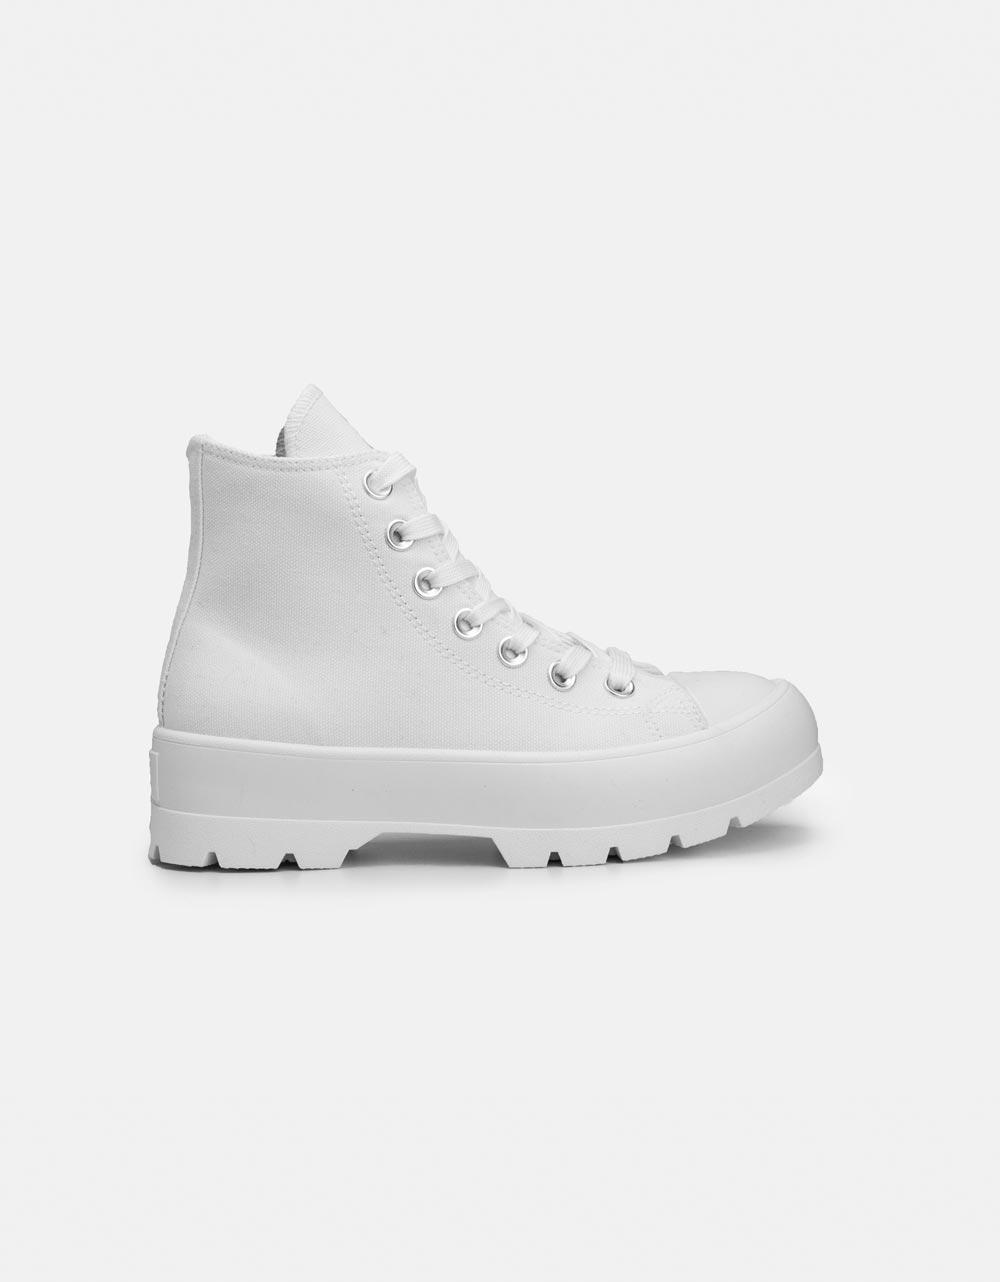 Εικόνα από Γυναικεία υφασμάτινα sneaker μποτάκια Λευκό